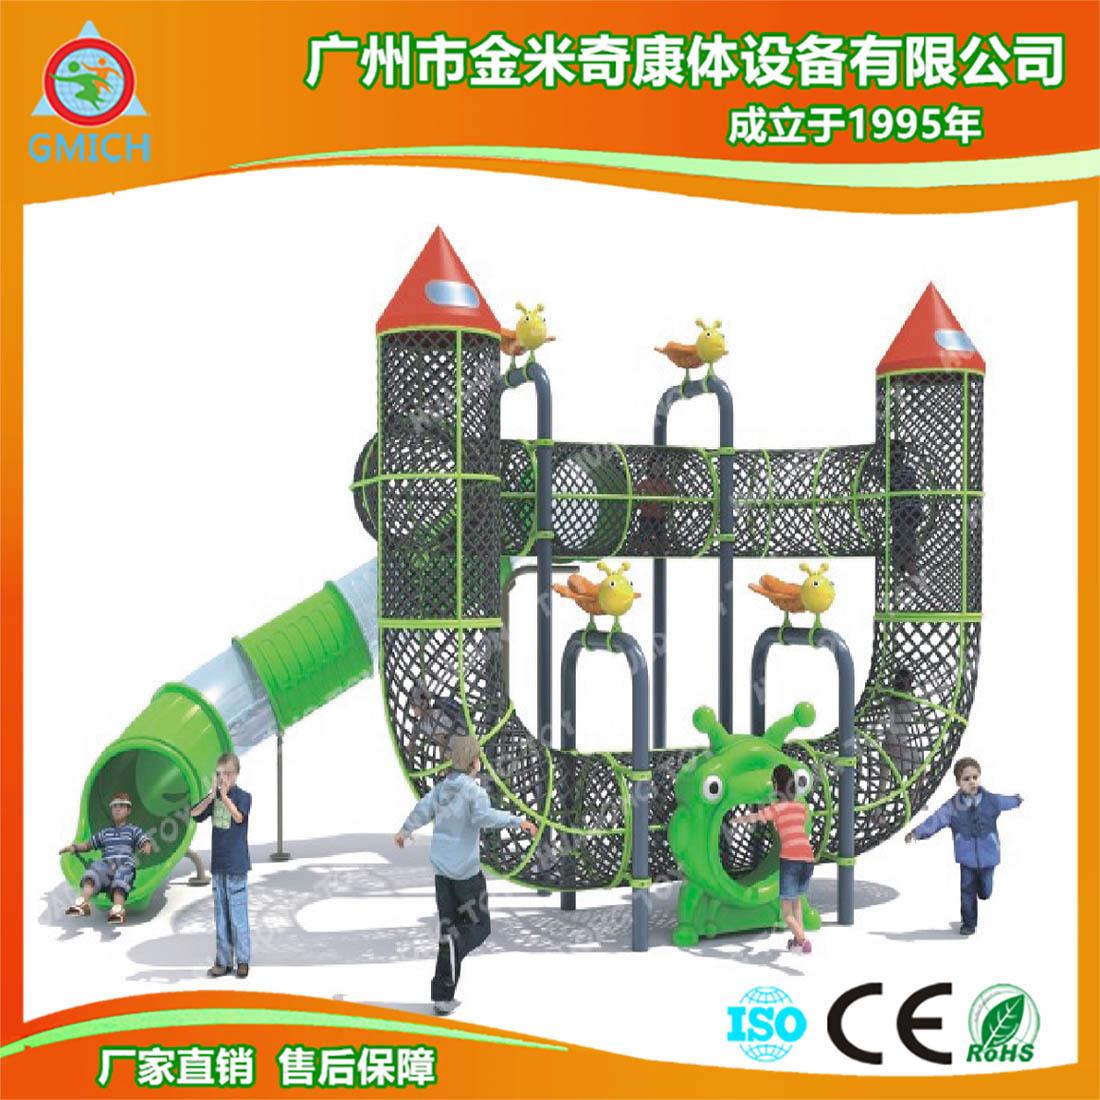 别墅花园滑滑梯 户外体能拓展绳网攀爬组合滑梯玩具